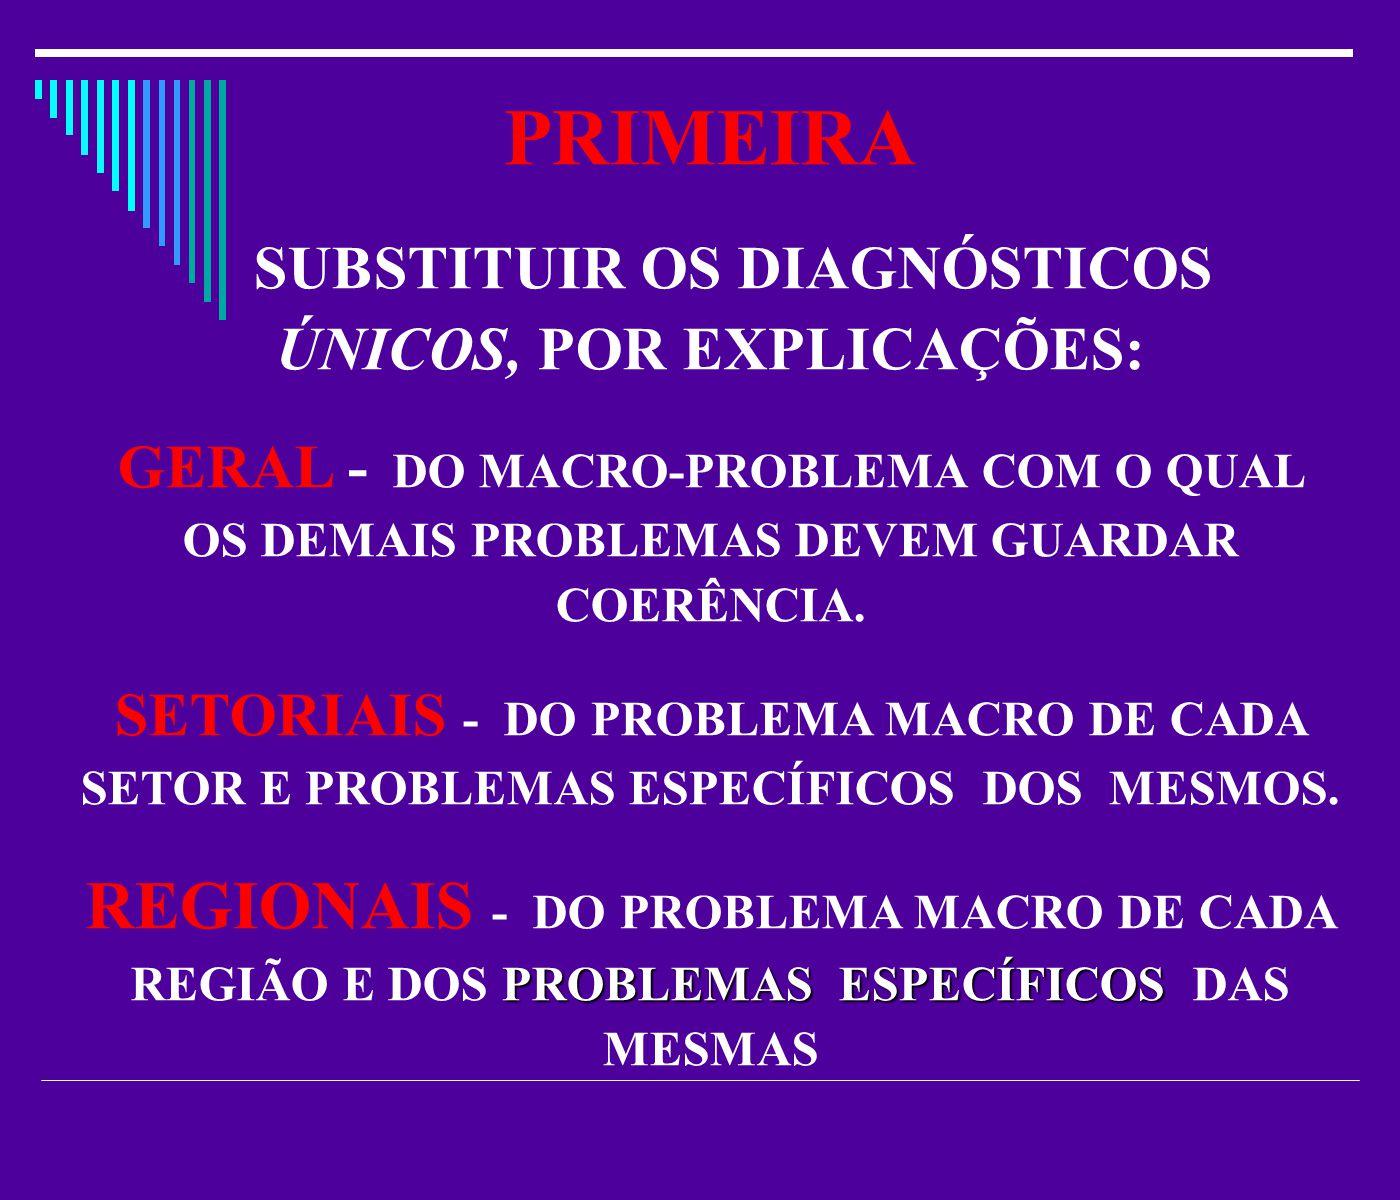 PRIMEIRA SUBSTITUIR OS DIAGNÓSTICOS ÚNICOS, POR EXPLICAÇÕES: GERAL - DO MACRO-PROBLEMA COM O QUAL OS DEMAIS PROBLEMAS DEVEM GUARDAR COERÊNCIA.